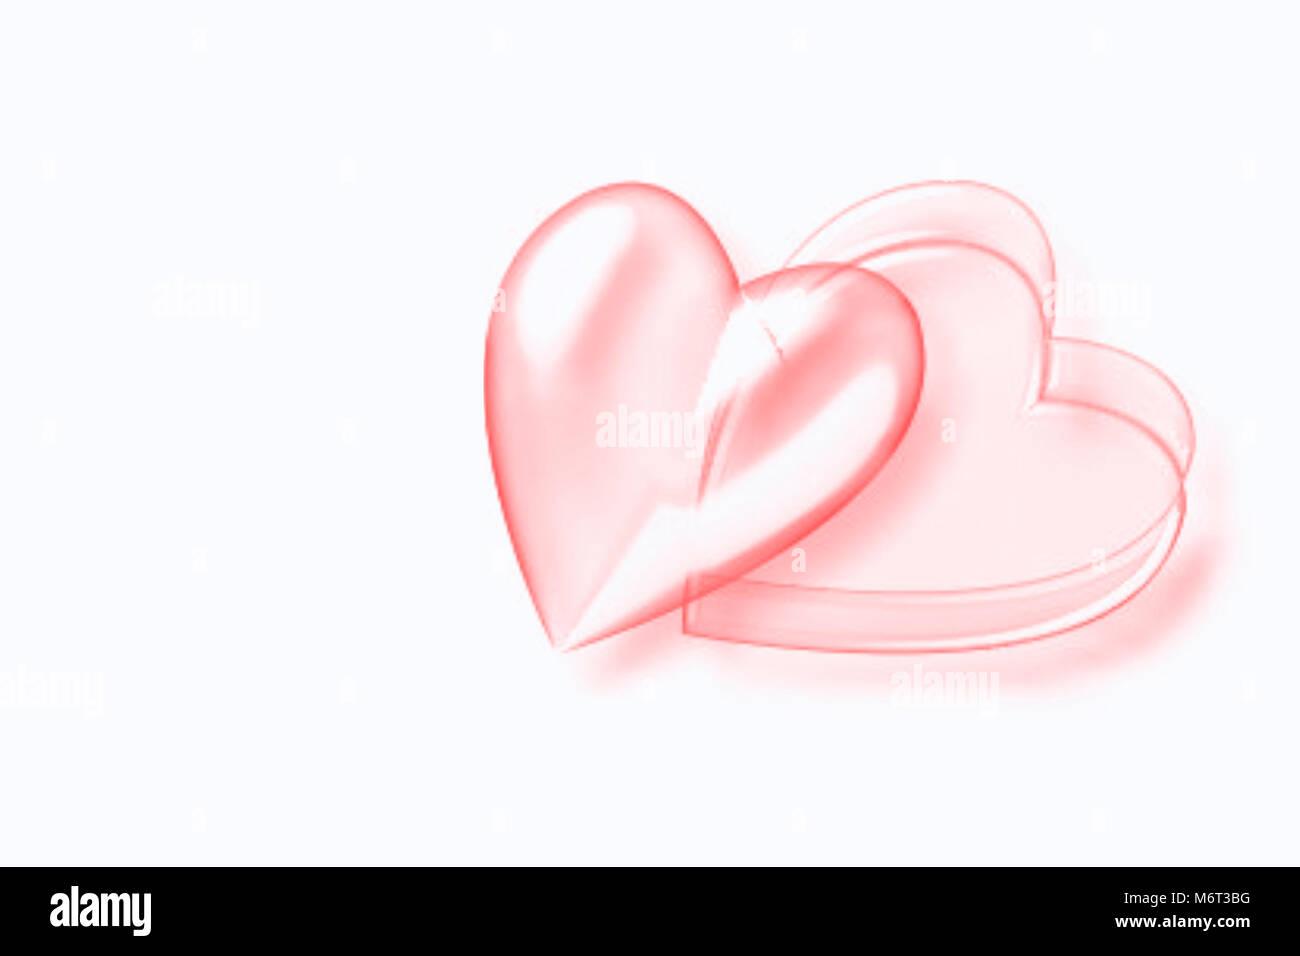 Paar Liebe Hand Herz Gezeichnet Rote Herzen Silhouette Hochzeit